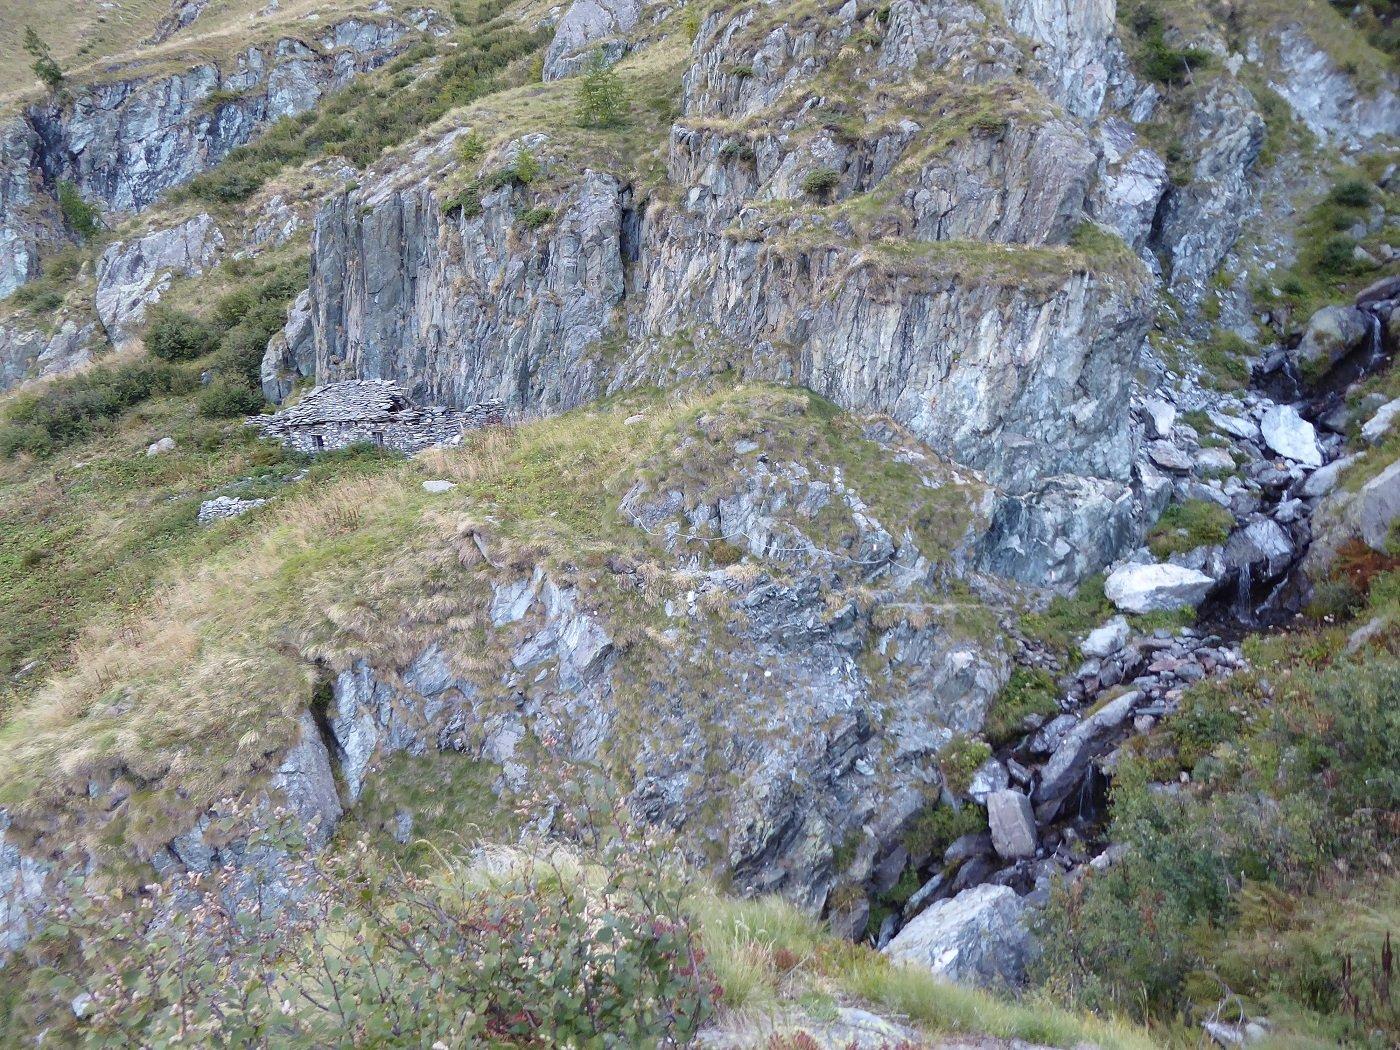 L'impluvio nei pressi dell'Alpe Teste Inf.